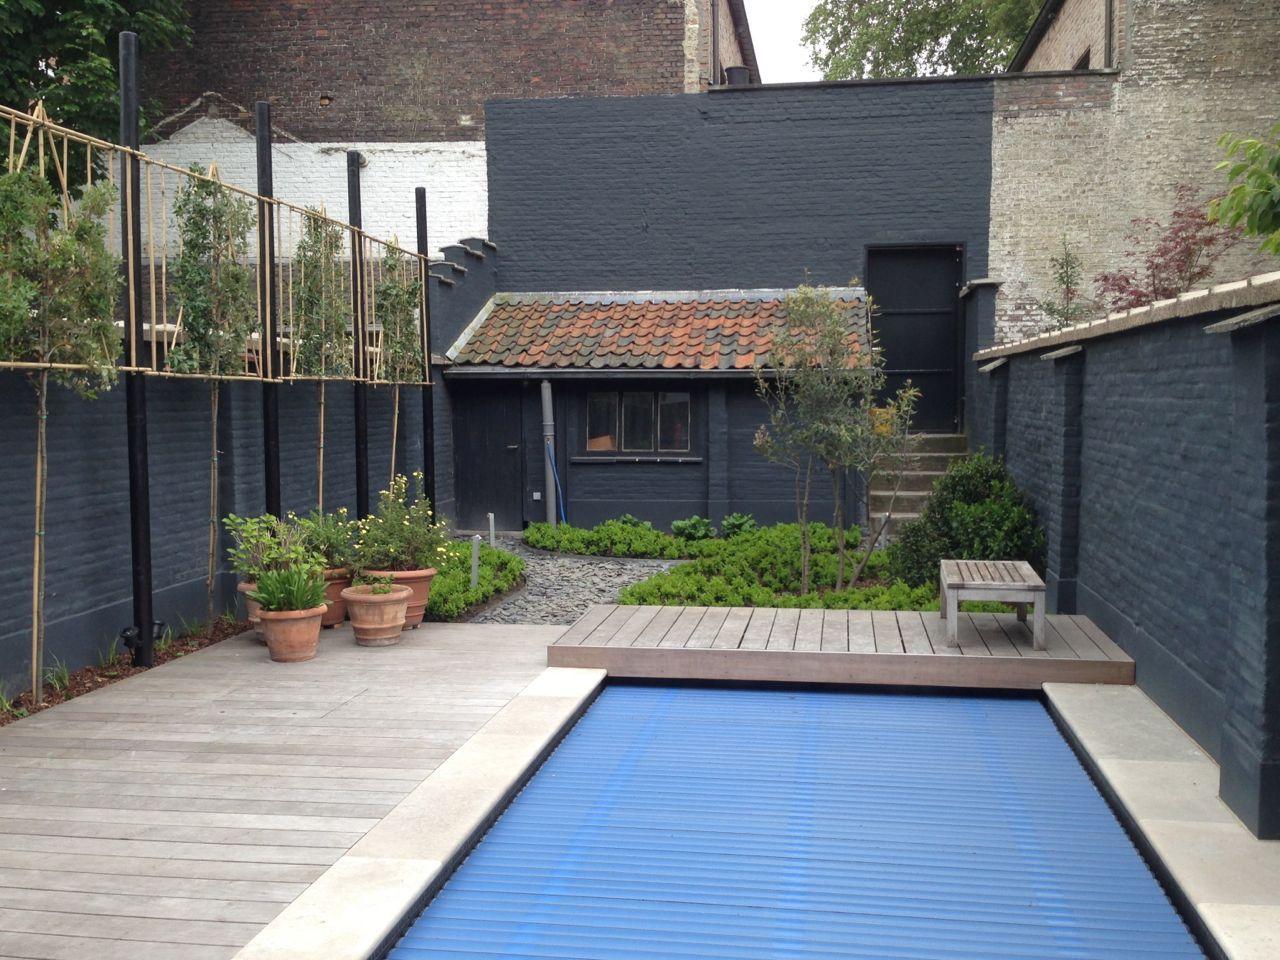 Stadstuin zwembad google zoeken idee n voor de tuin for Zwembaden in tuin